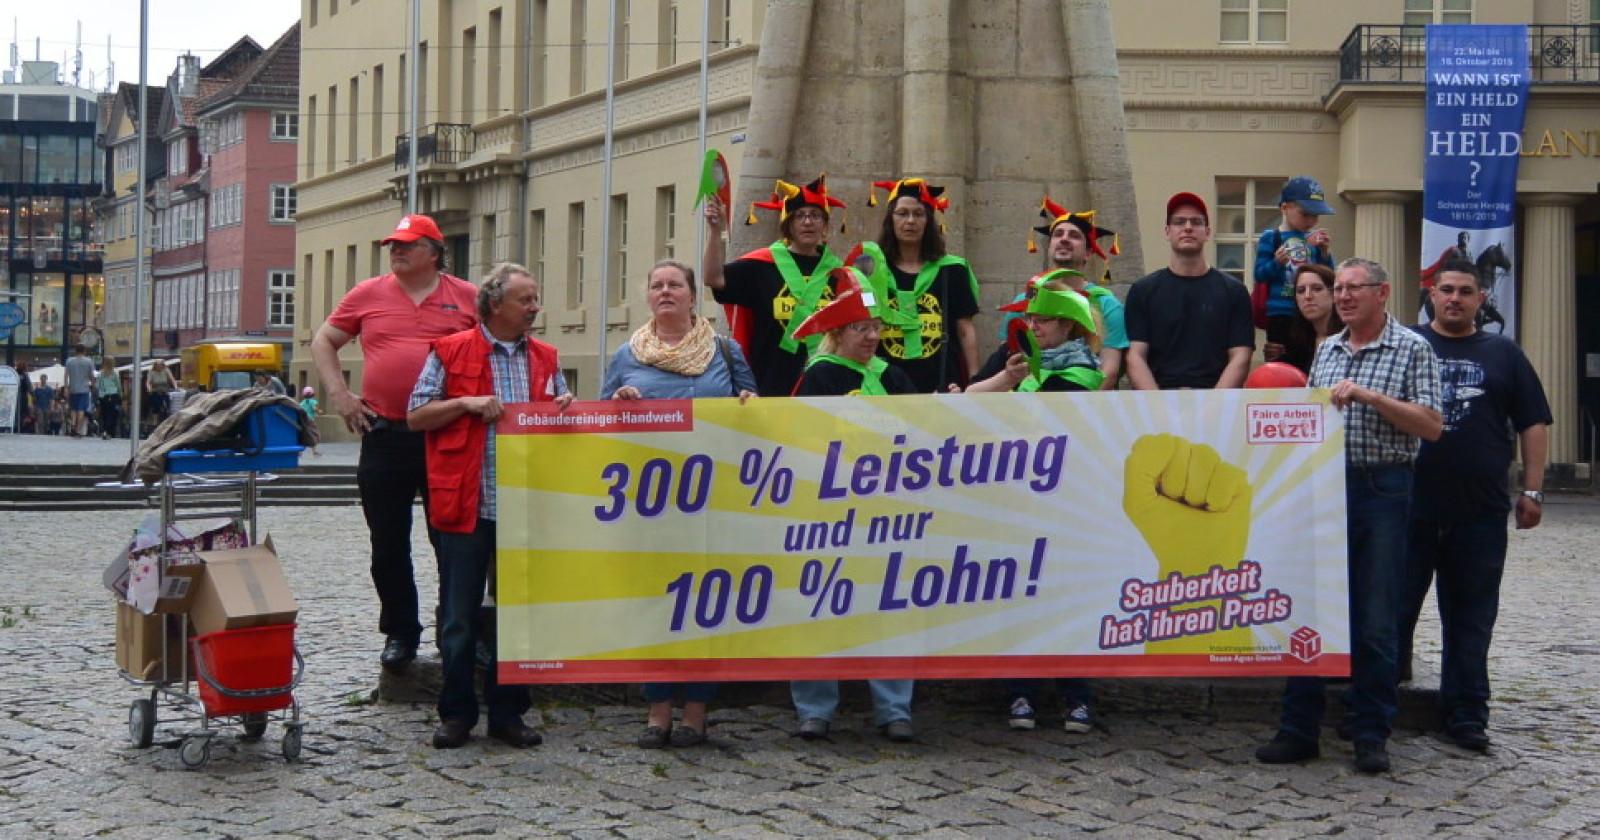 Video: Braunschweiger Originale unterstützen Forderungen der Gebäudereiniger